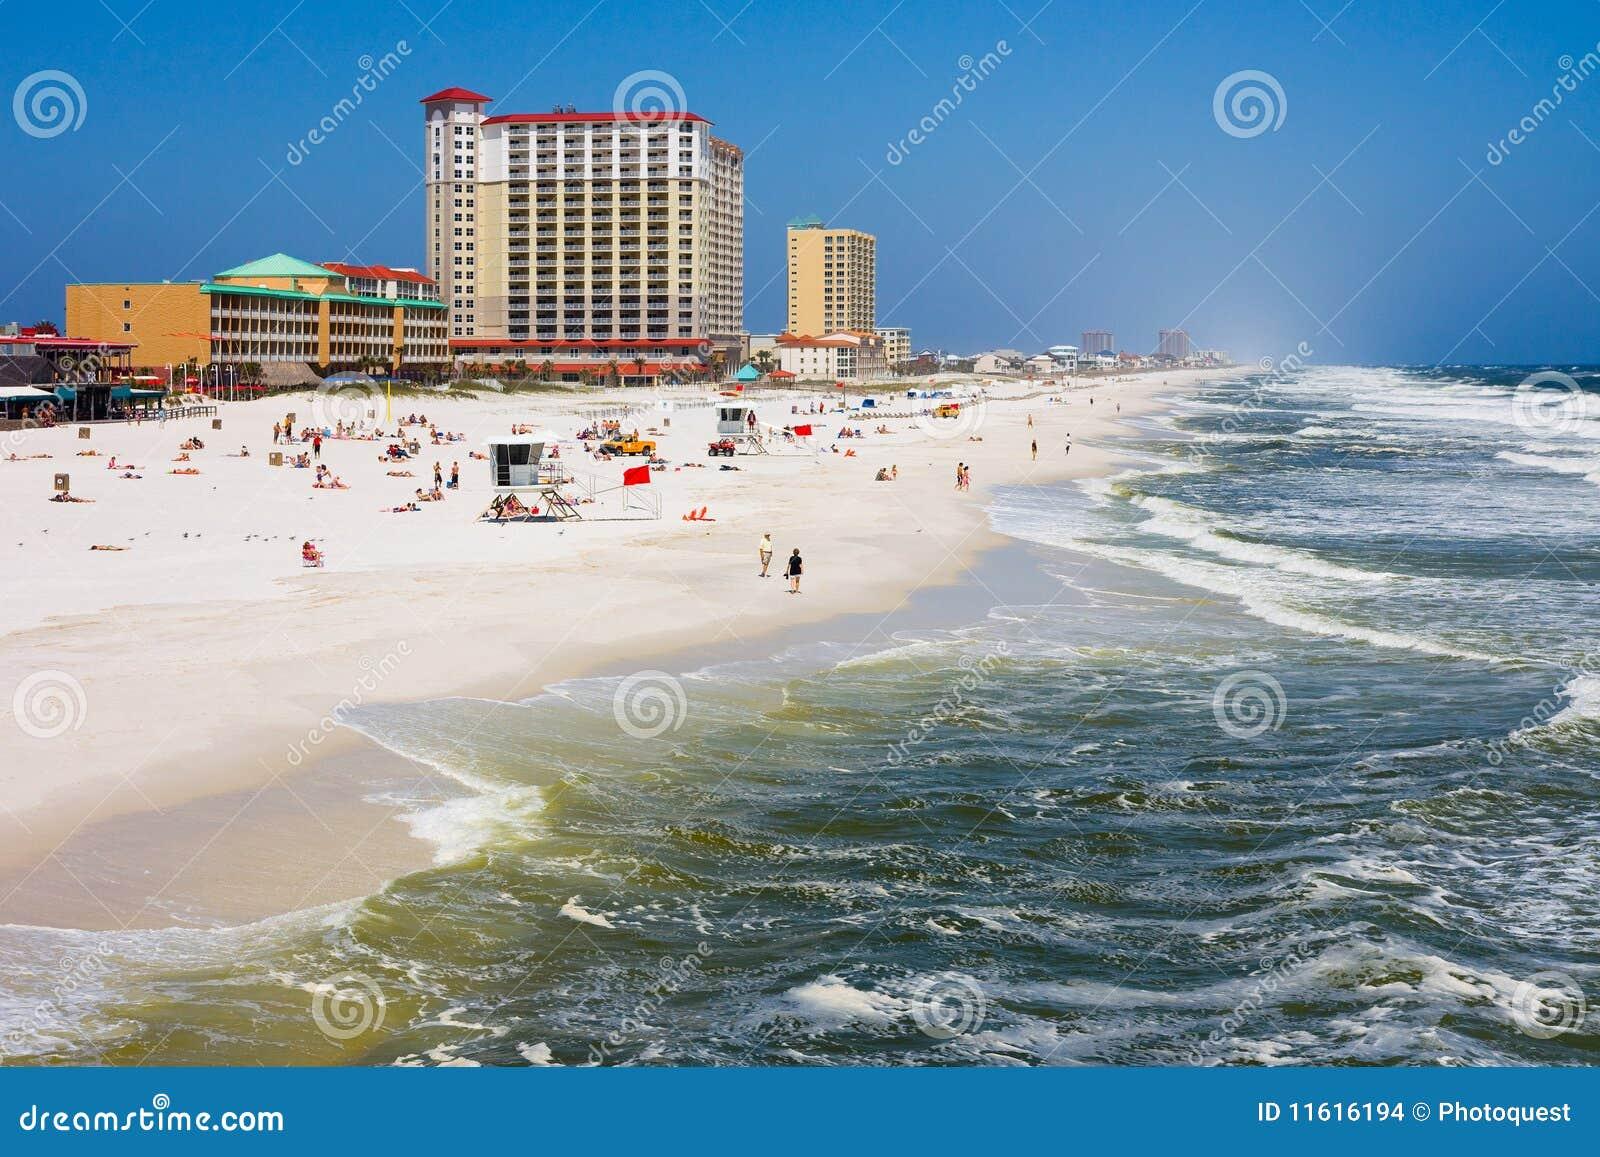 Pensacola beach in florida stock images image 11616194 for Architectural concepts pensacola florida